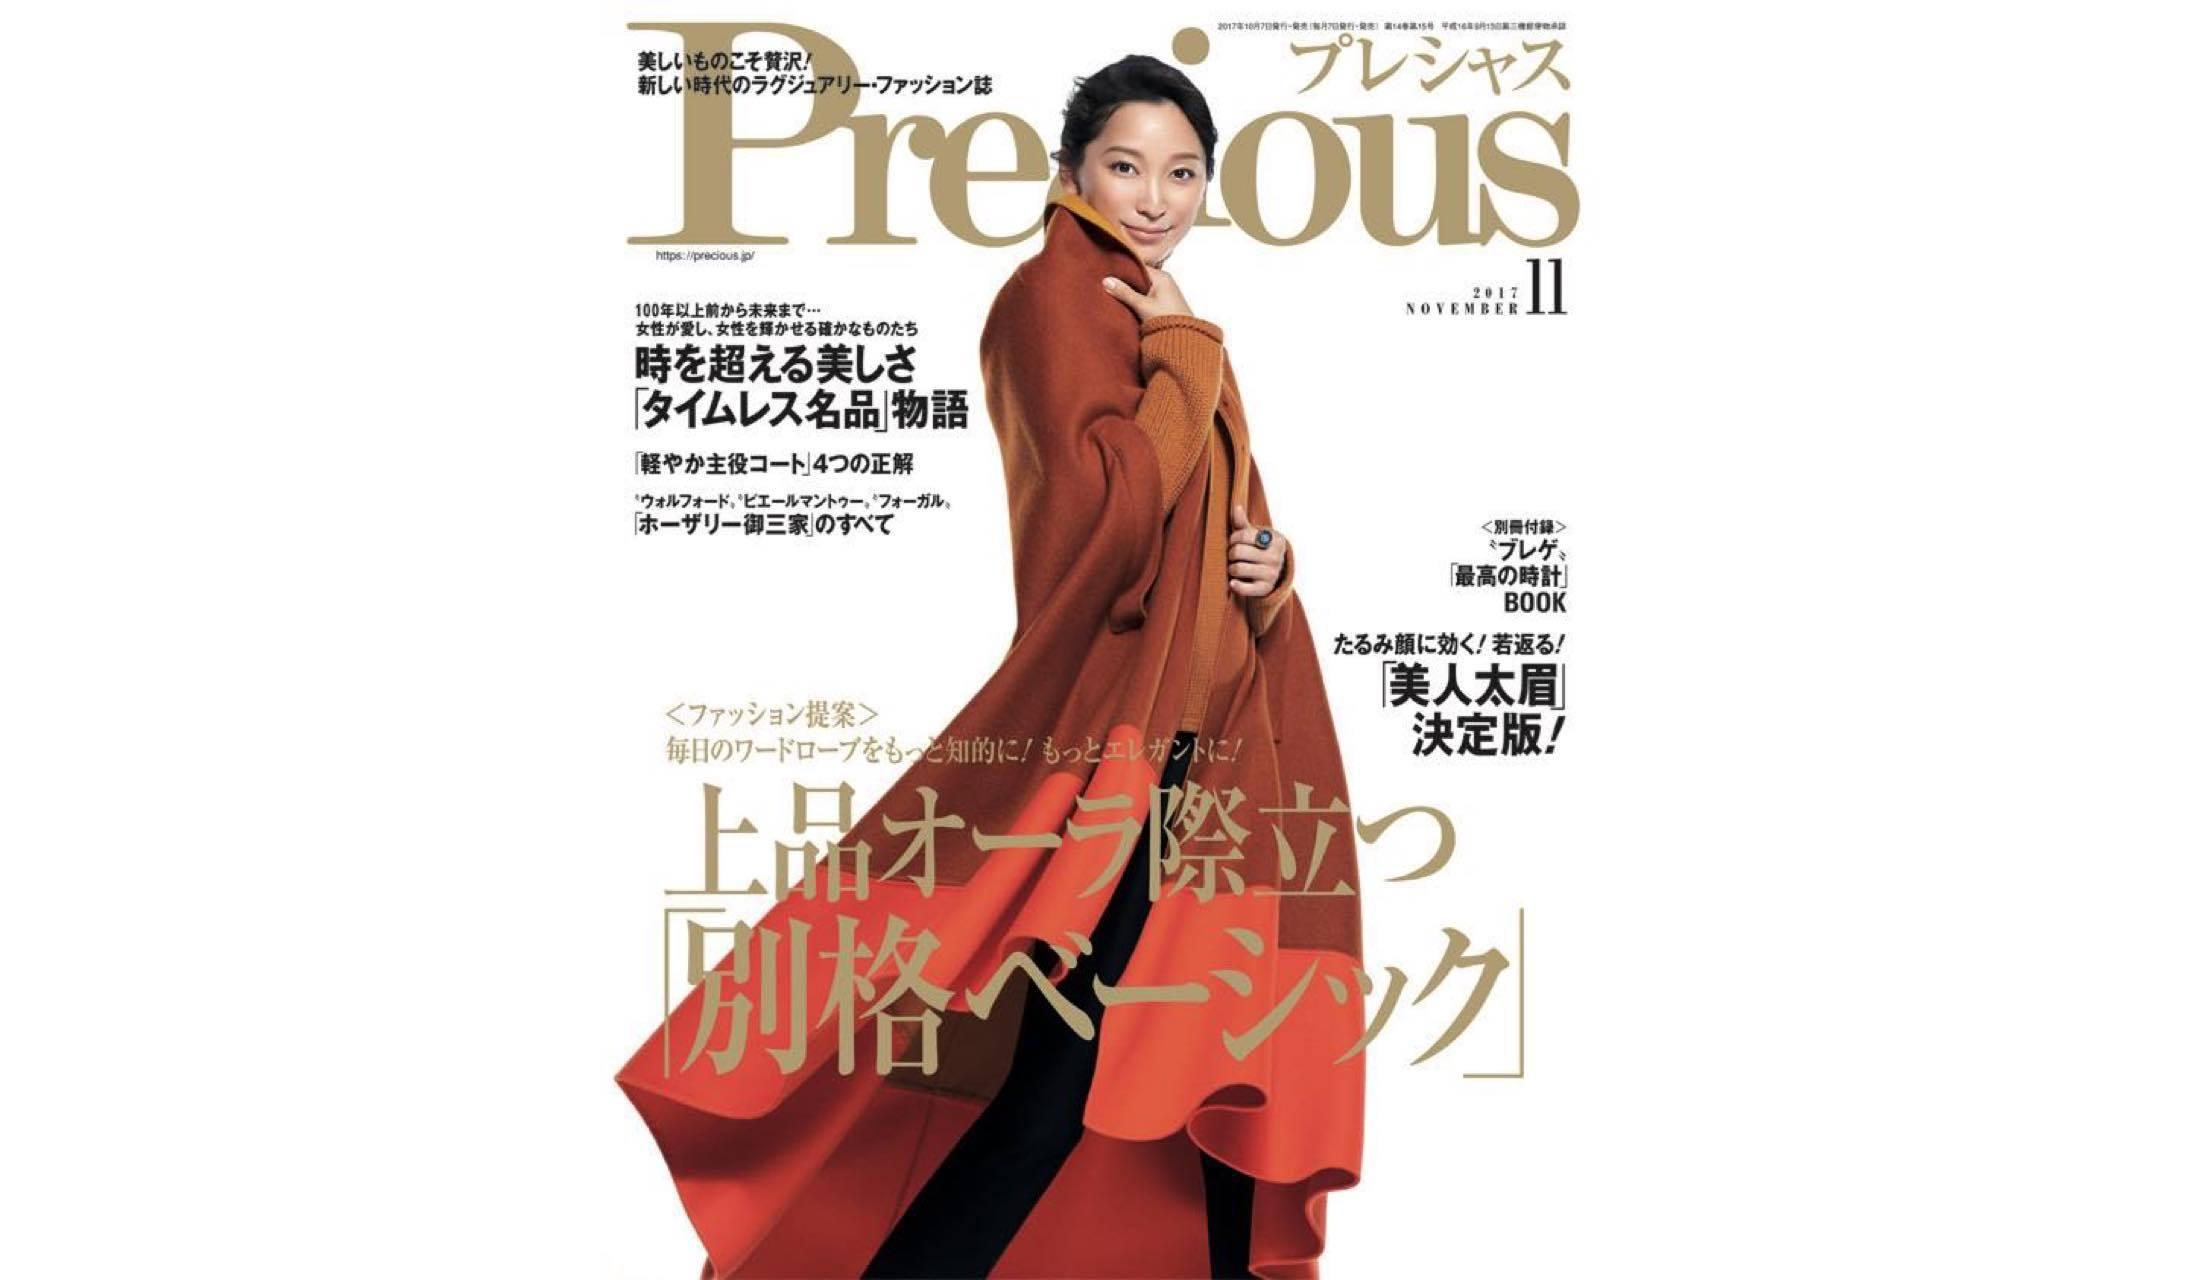 オレンジのコートとニットに身を包んだ女優・杏さんが表紙のPrecious11月号